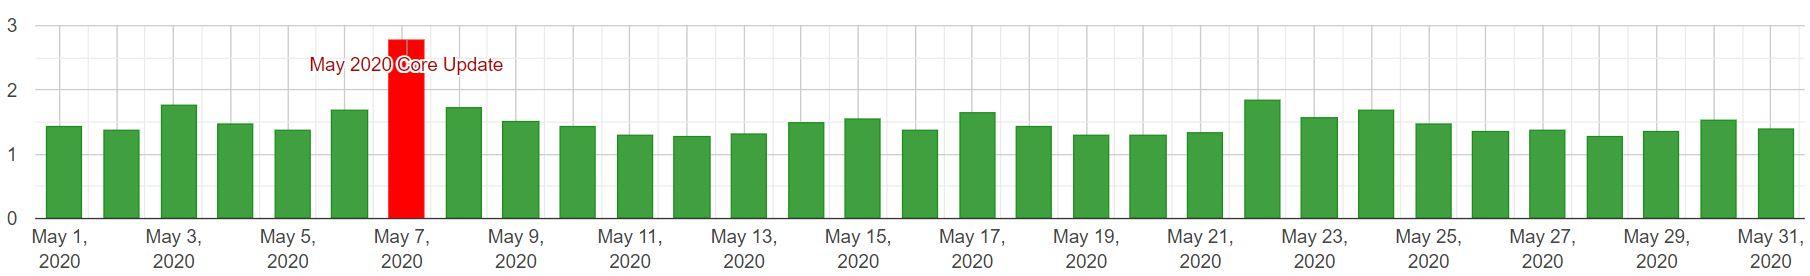 SERP changes desktop maj 2020